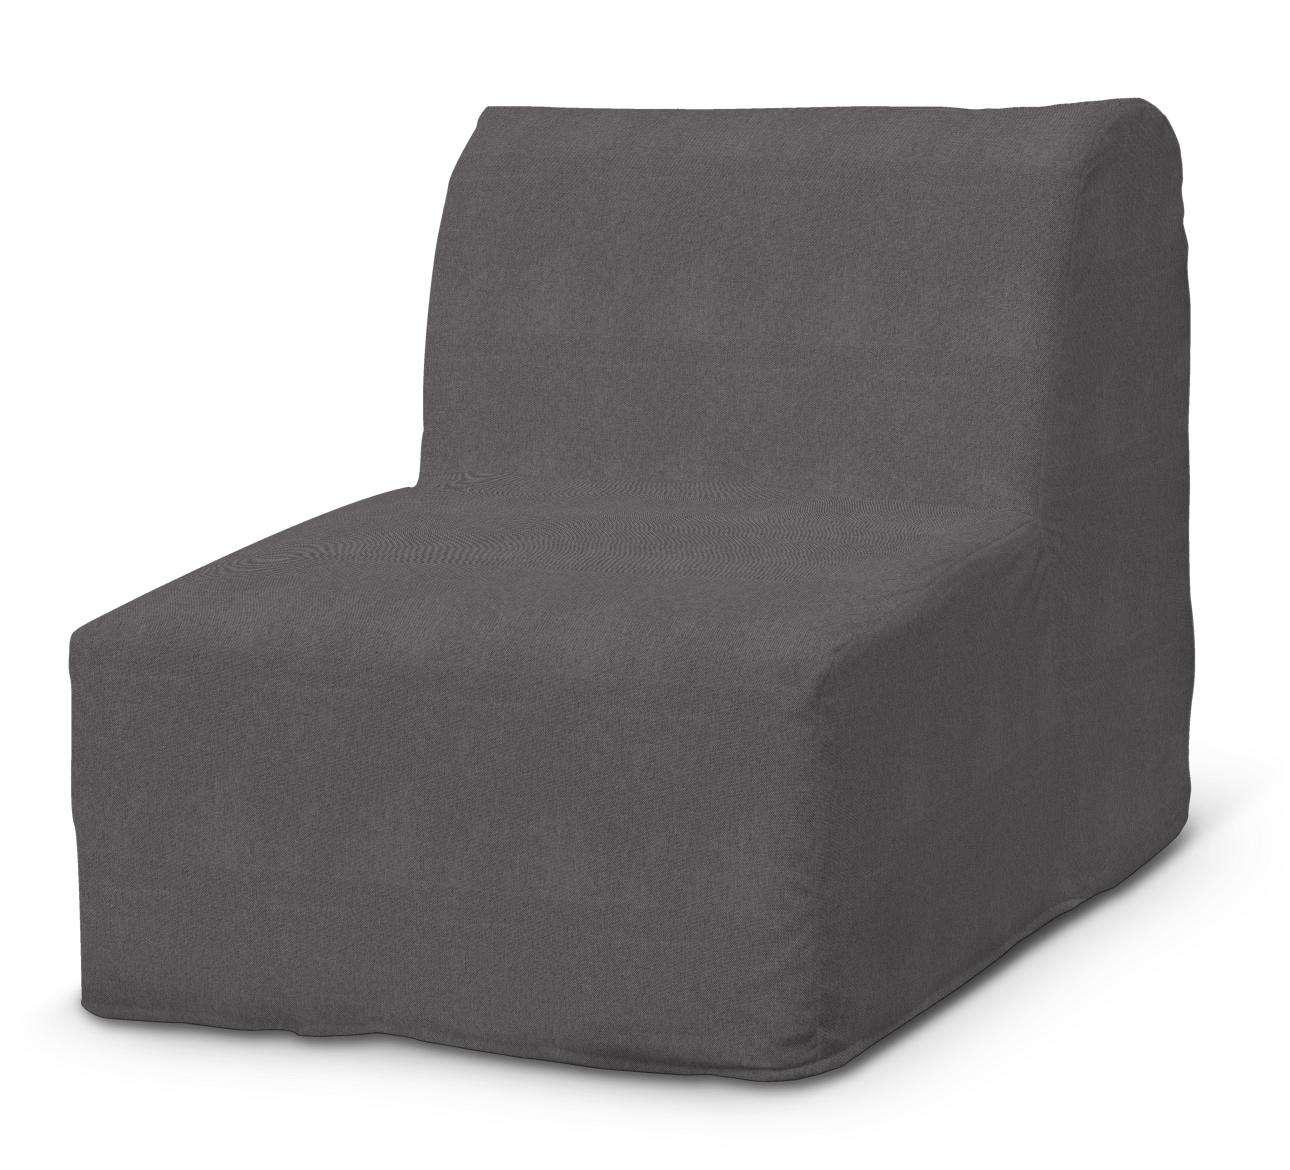 Lycksele fotelio užvalkalas Lycksele fotelis kolekcijoje Etna , audinys: 705-35